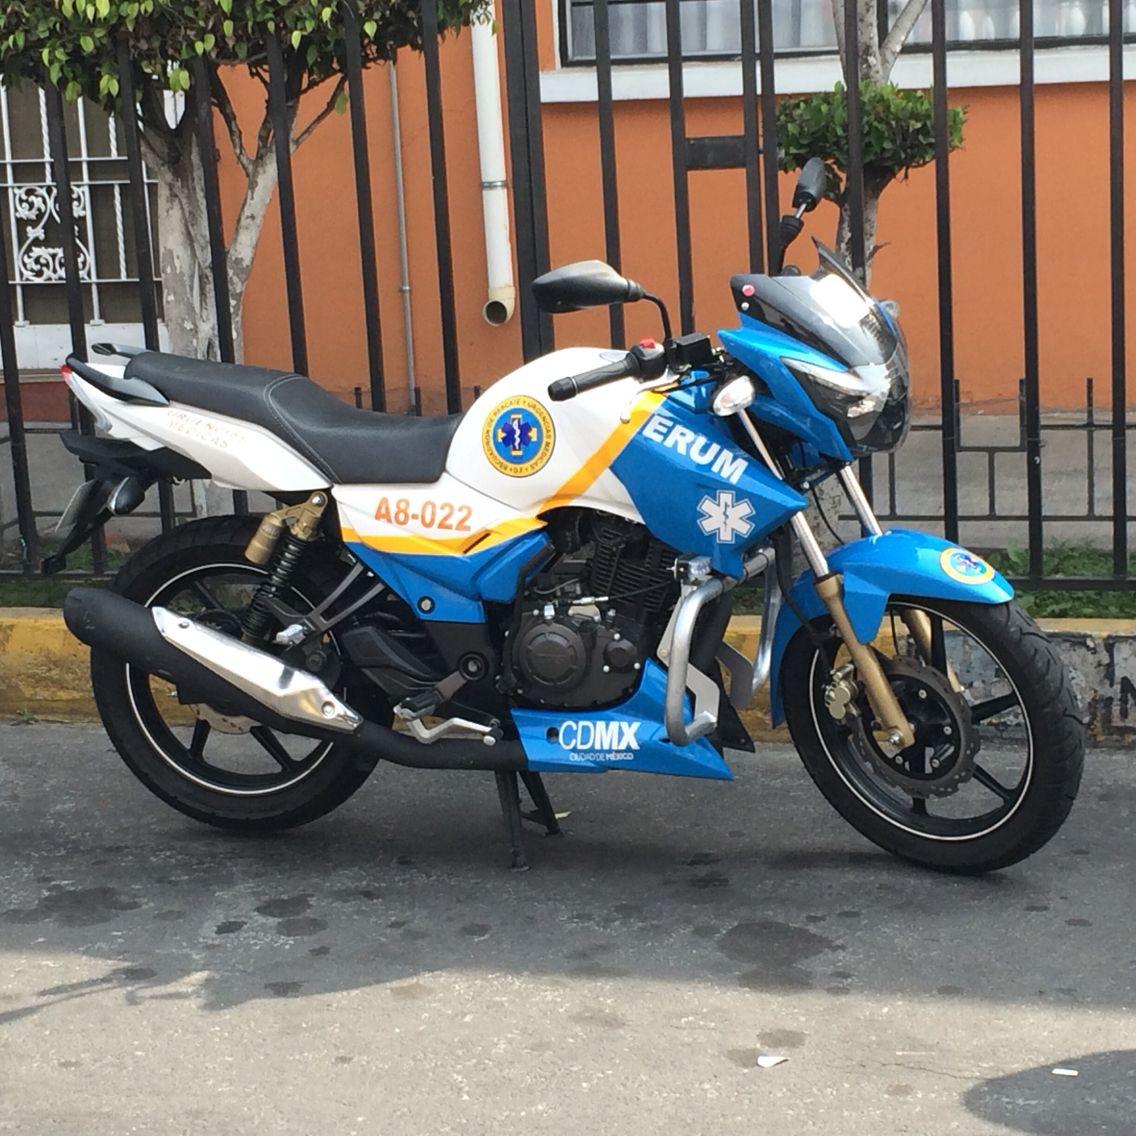 Moto de atención médica prehospitalaria ERUM México A8-022 Piloto María Luisa Valencia Macias